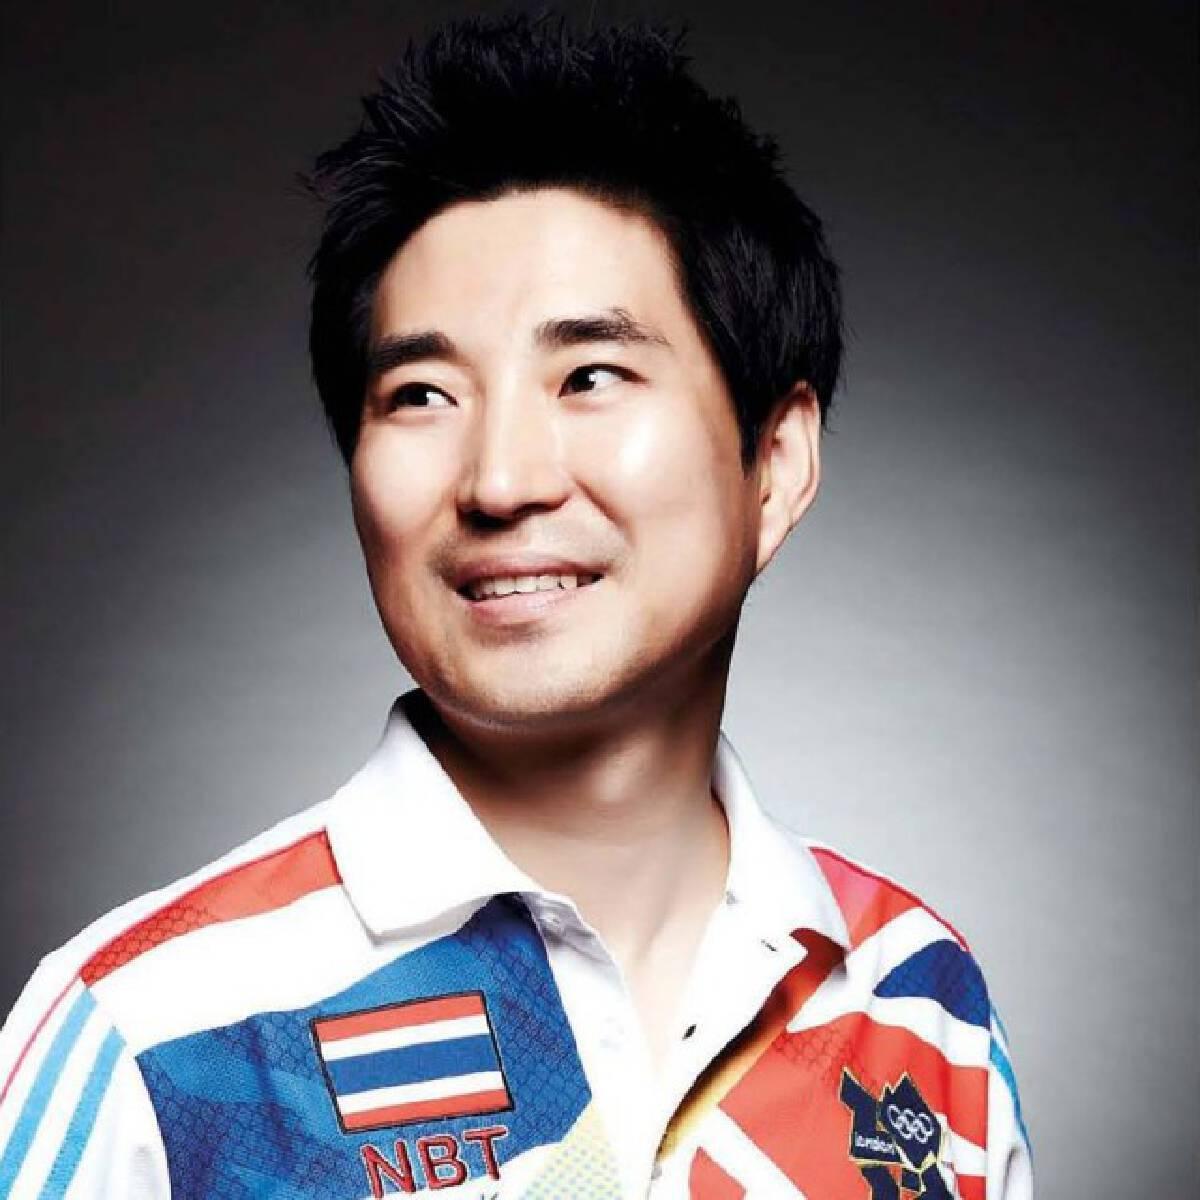 """โค้ชเช"""" ยอมสละสัญชาติเกาหลี ประกาศขอเป็นคนไทย พร้อมนำทีมเทควันโดคว้าเหรียญทองโอลิมปิก"""